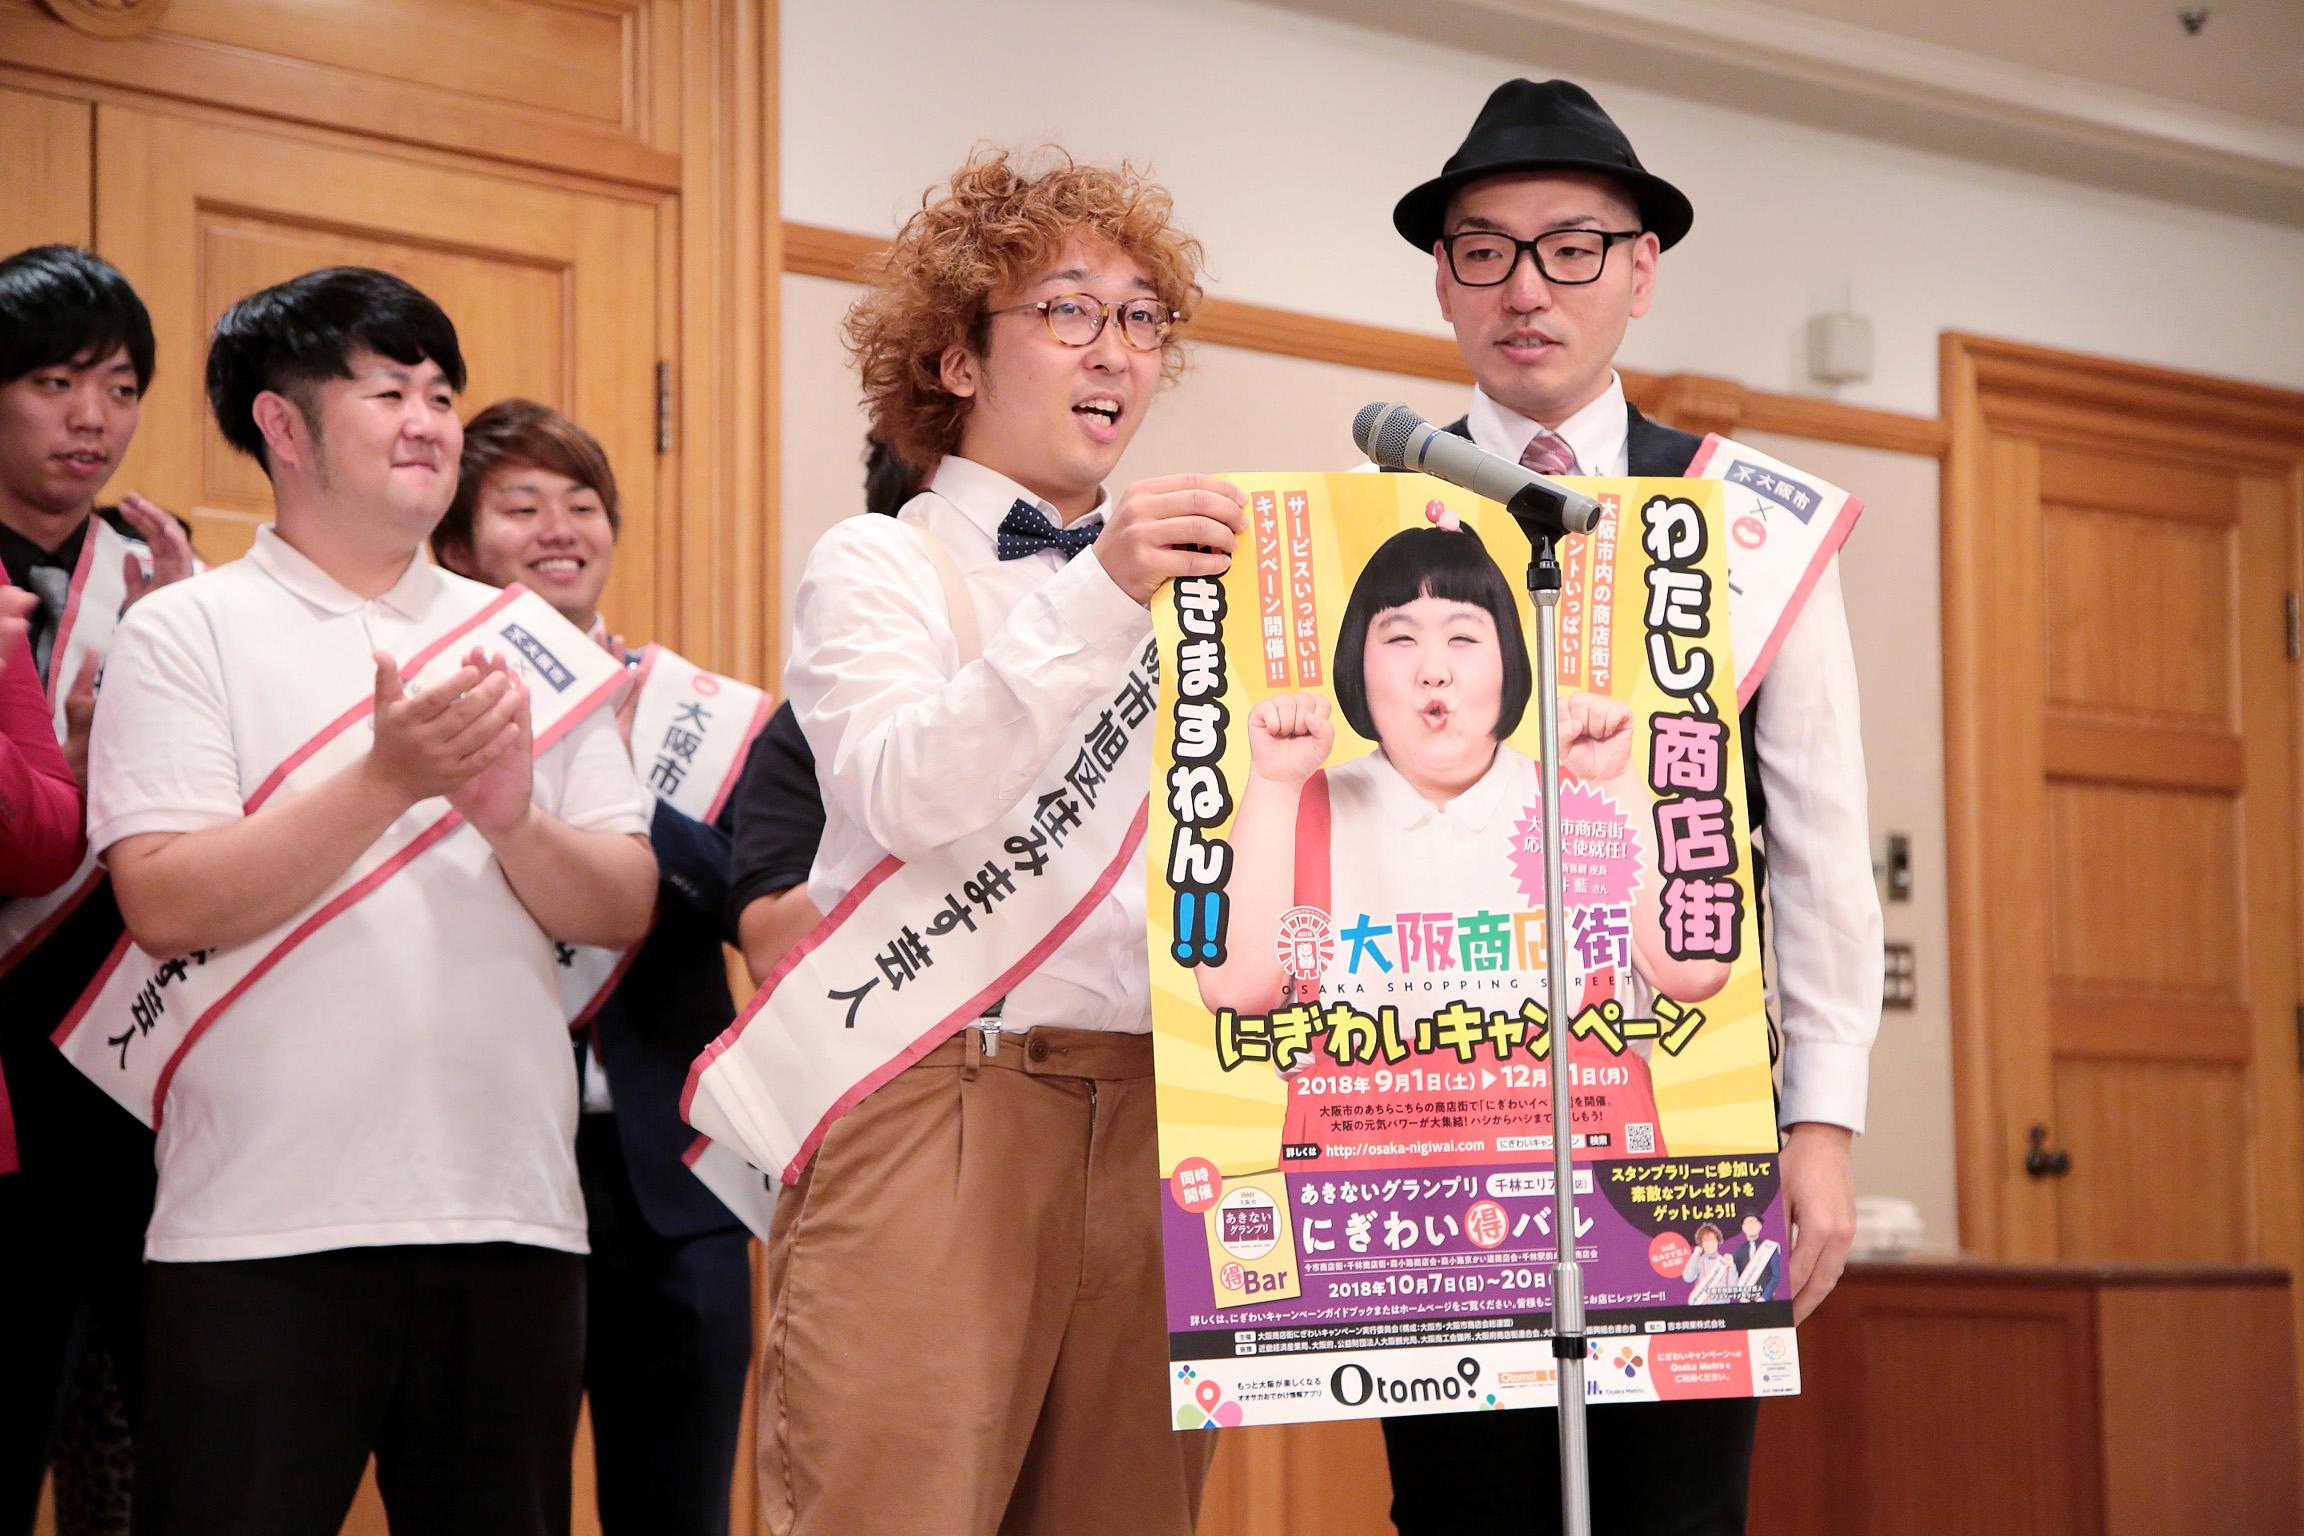 http://news.yoshimoto.co.jp/20180928232920-a426f0718a24a9cd7c72ff04e852a75c4d1c0d90.jpg